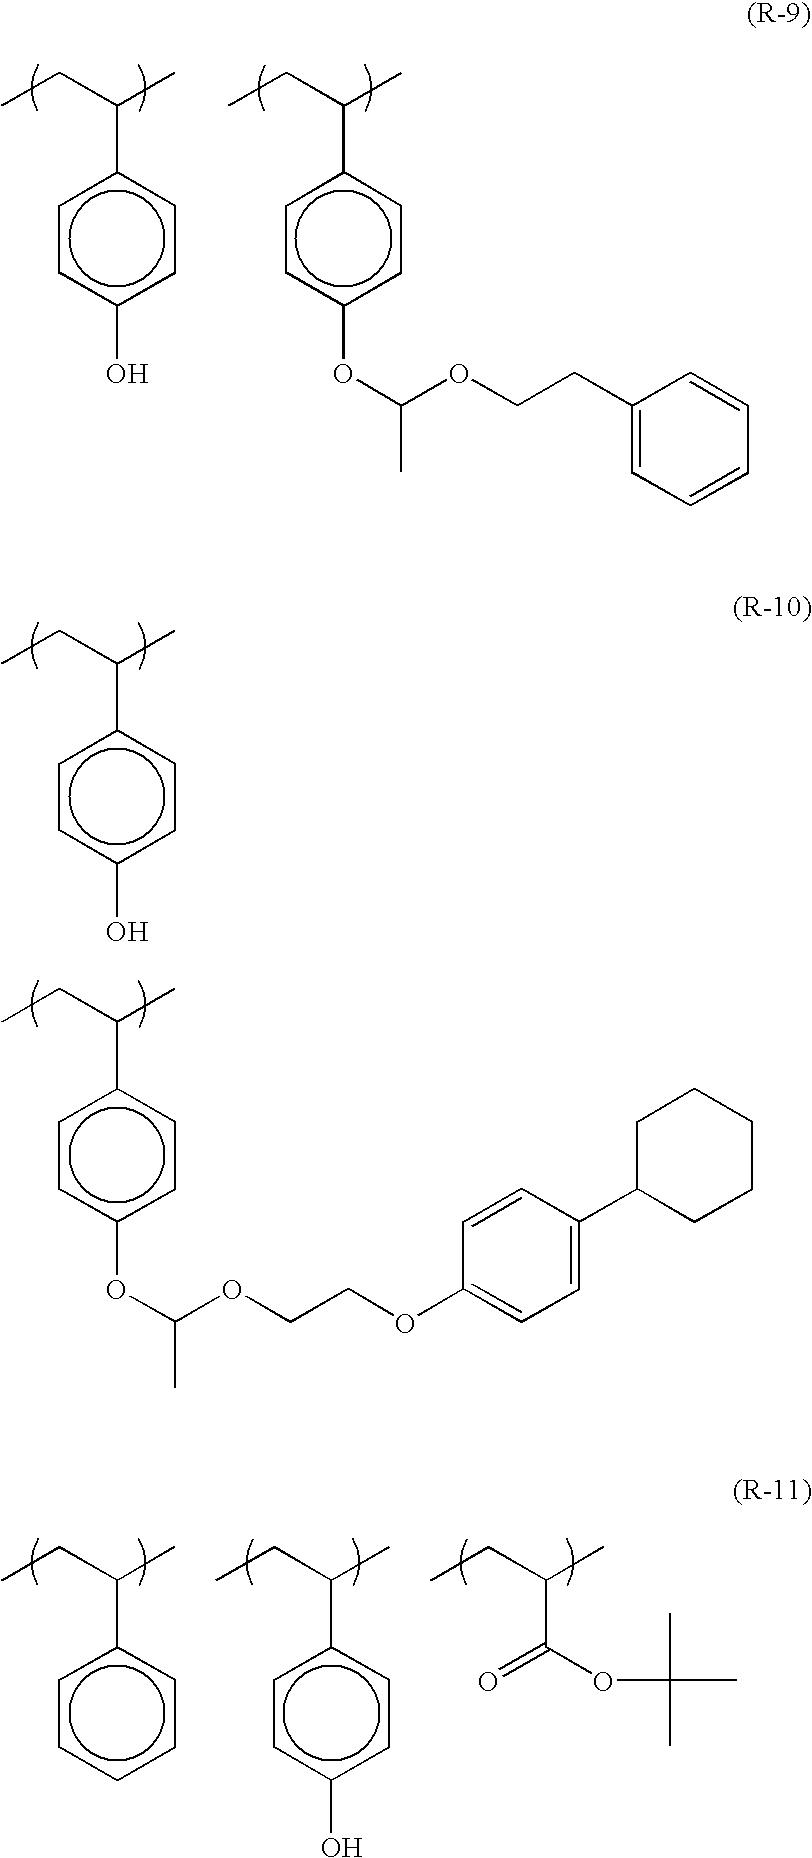 Figure US08530148-20130910-C00045